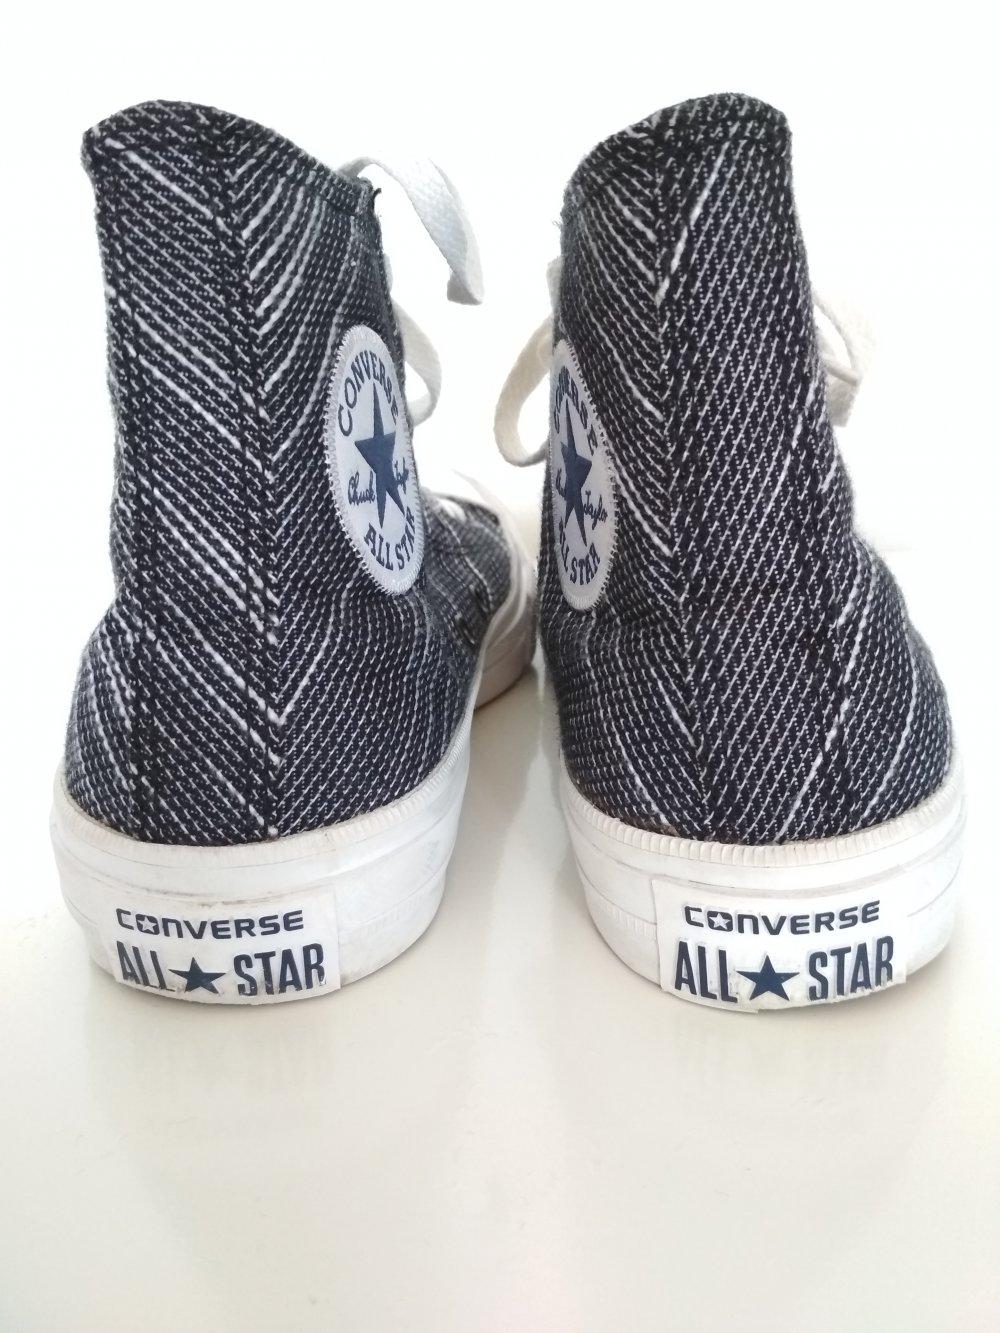 Converse Chucks Gr. 38 UK 5,5 US 7,5 Lunarlon Chuck Taylor II schwarz weiß grau gepolstert